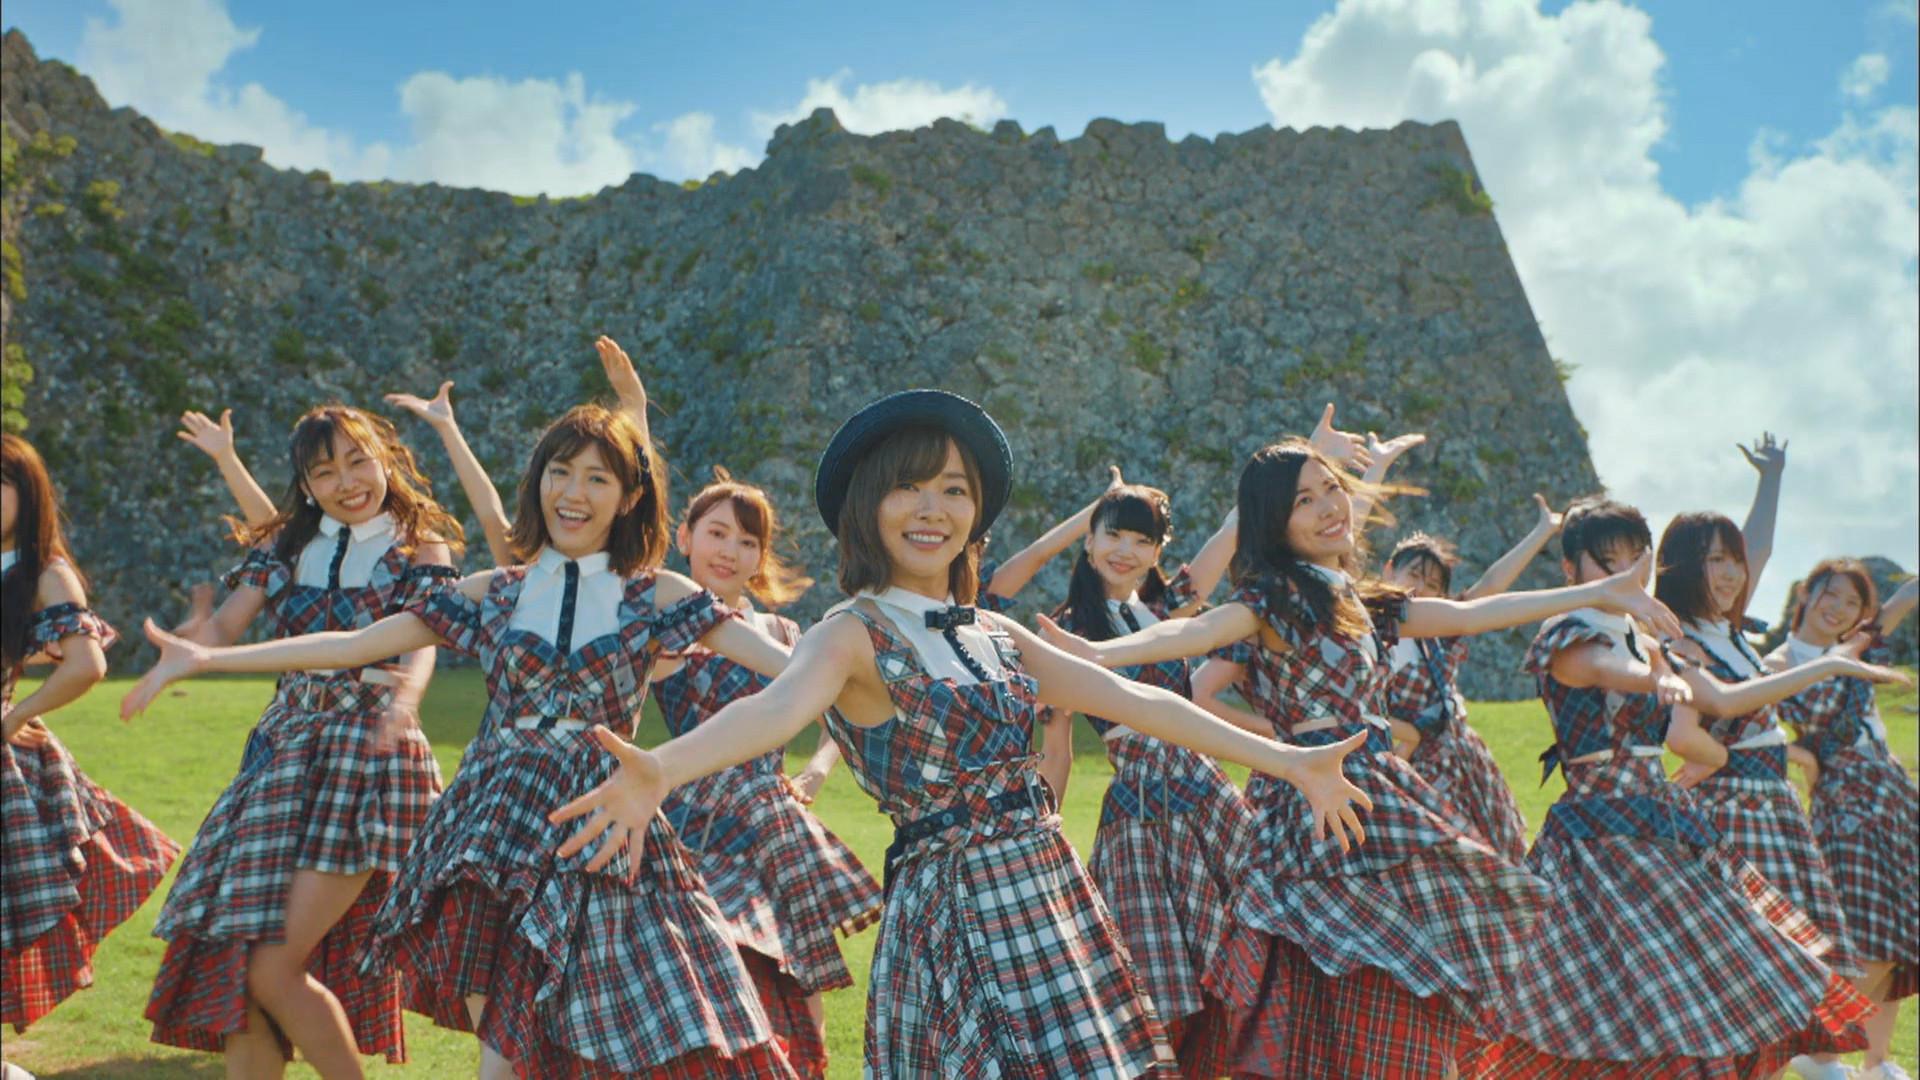 【衝撃】AKB48が快挙、CD総売上5100万枚超えwwwwwwwwwwwwwwのサムネイル画像